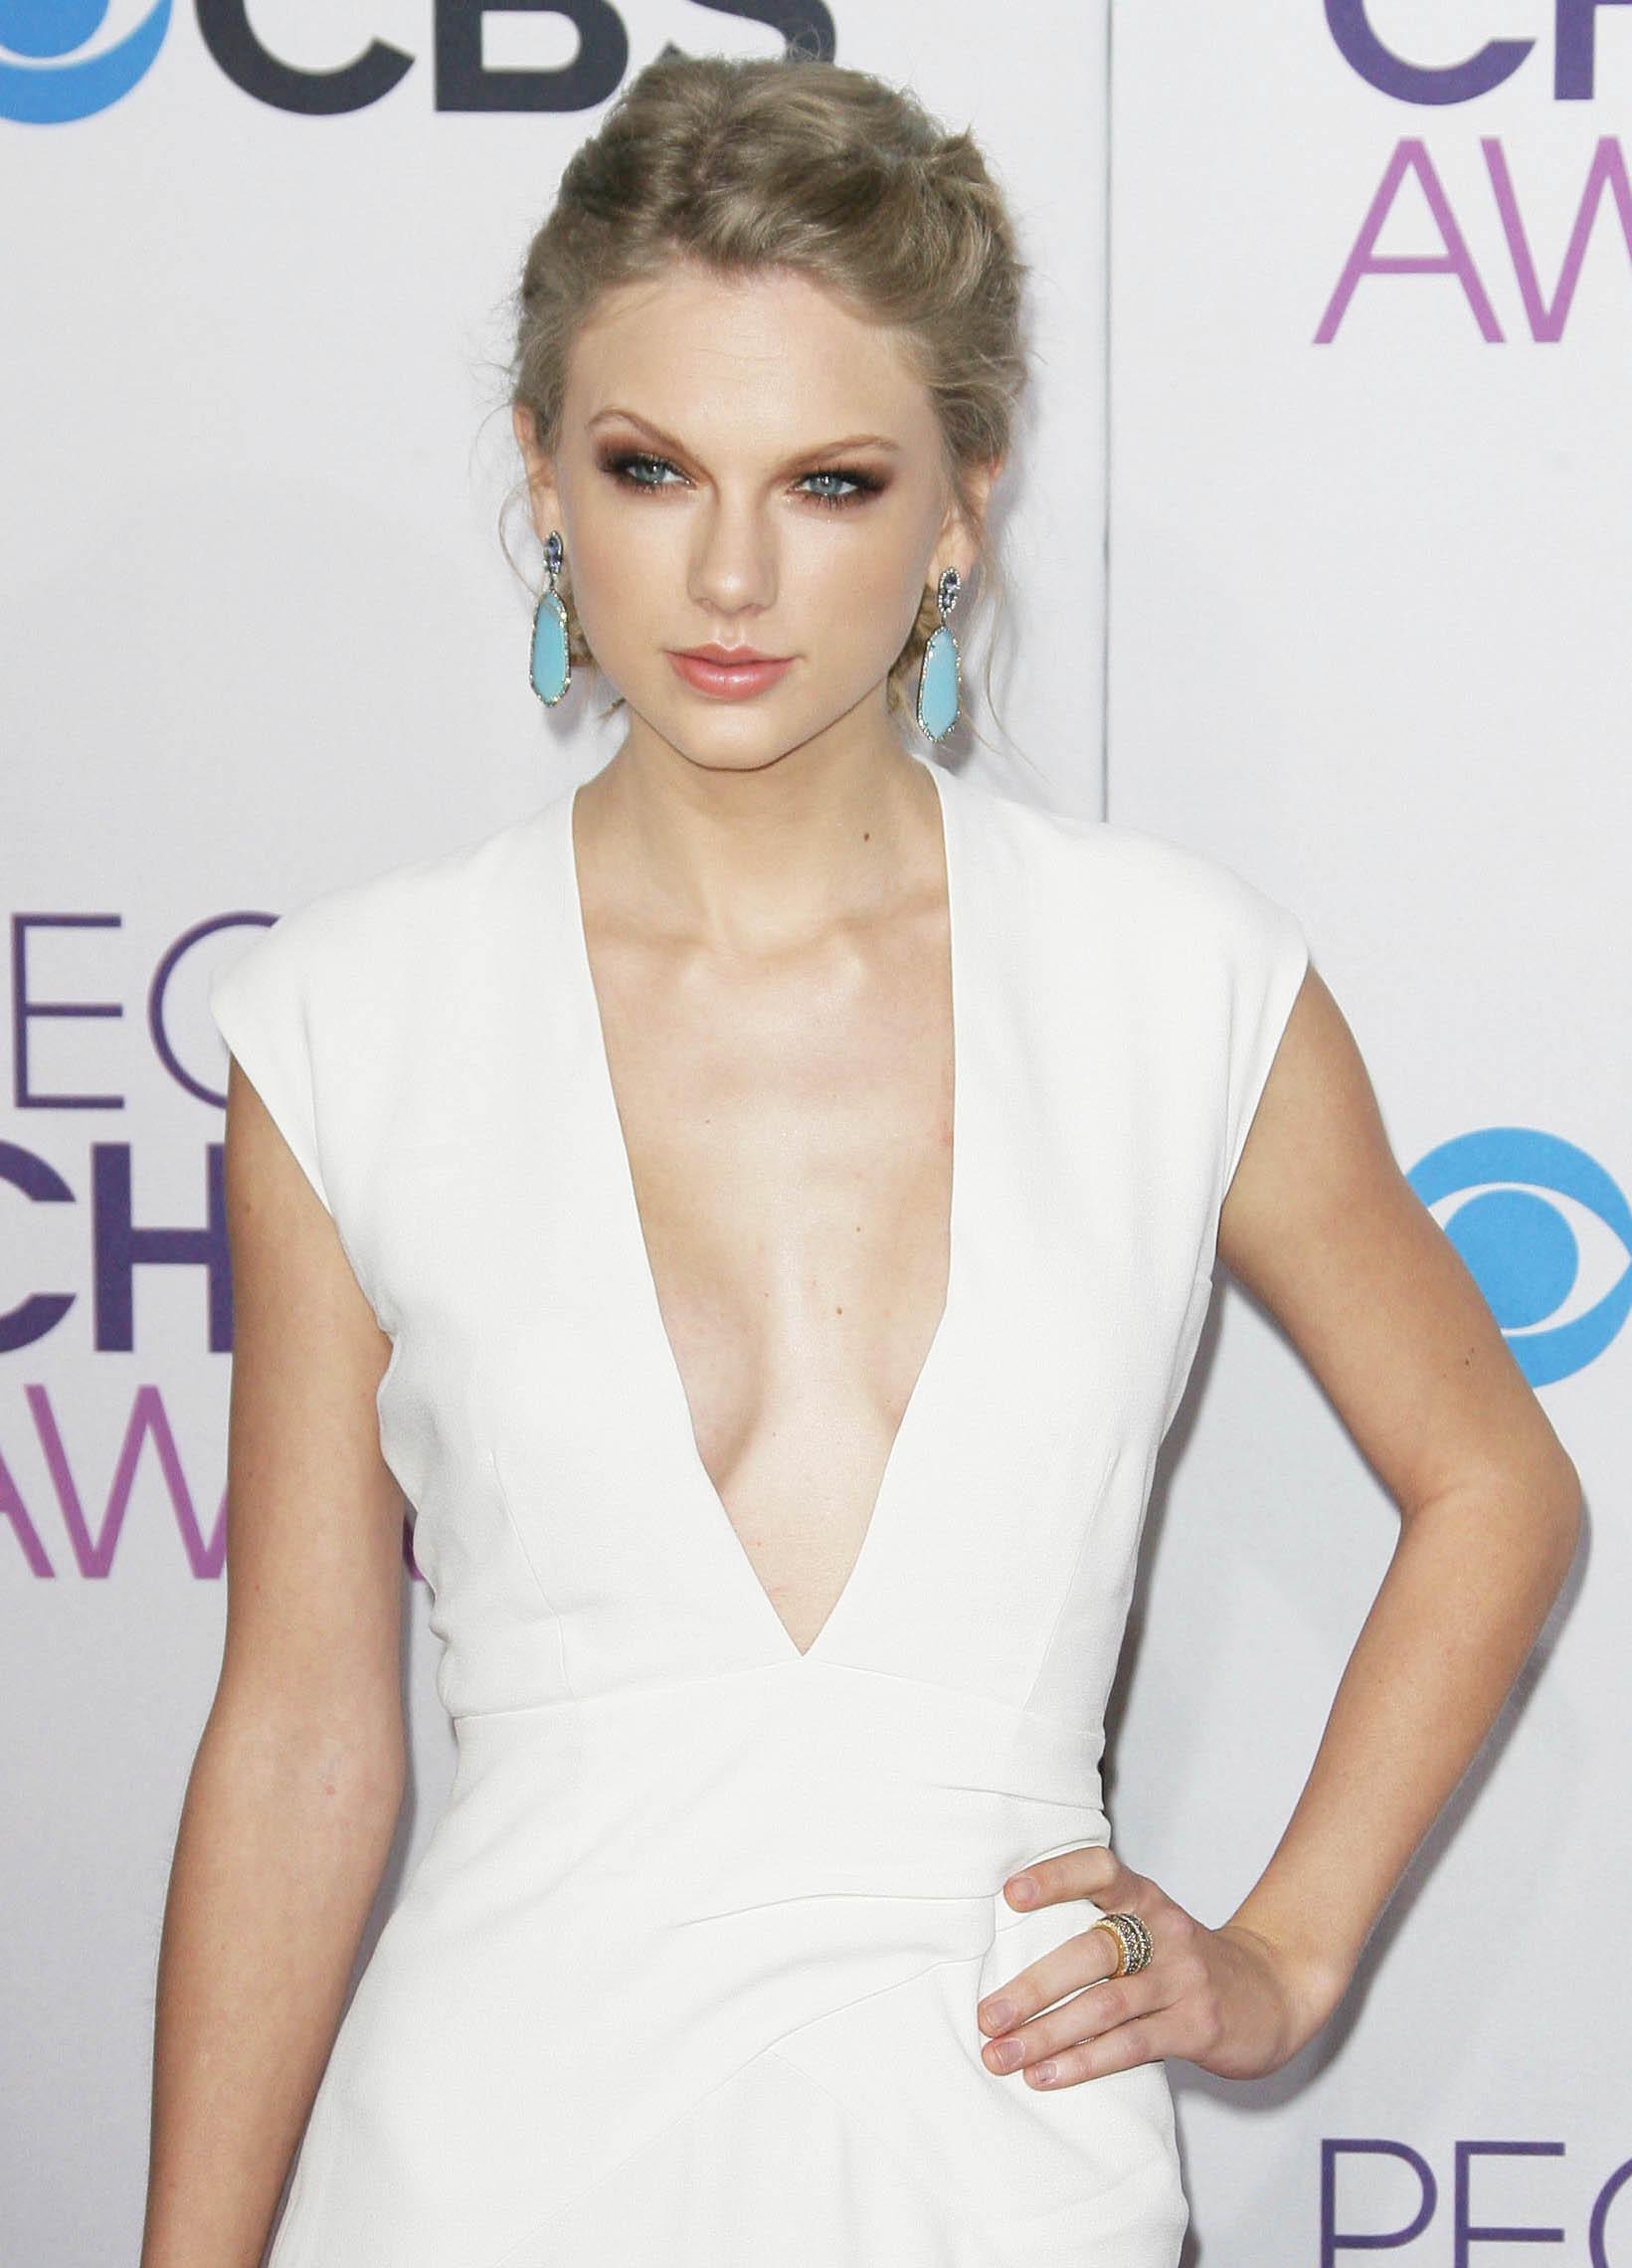 Güzel şarkıcı Taylor Swift derin göğüs dekolteli sexy beyaz elbisesi ile yürek hoplattı. En seksi yabancı ünlü kadınların HD resimleri bu sitede tıklayın.